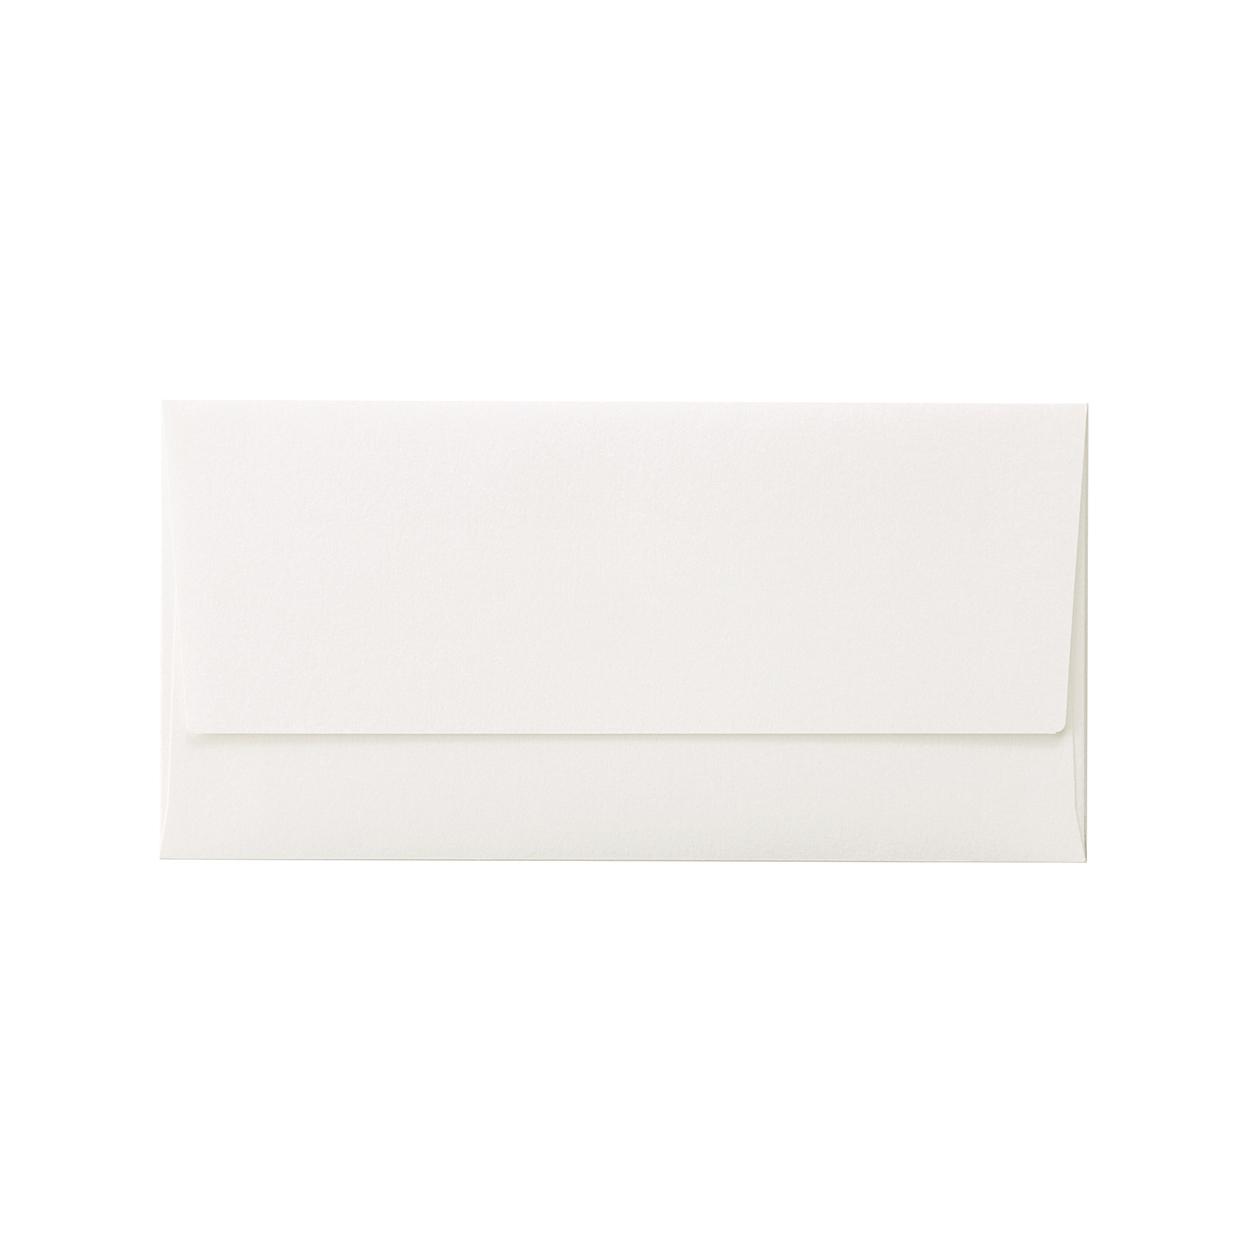 商品券袋 コットン スノーホワイト 116.3g